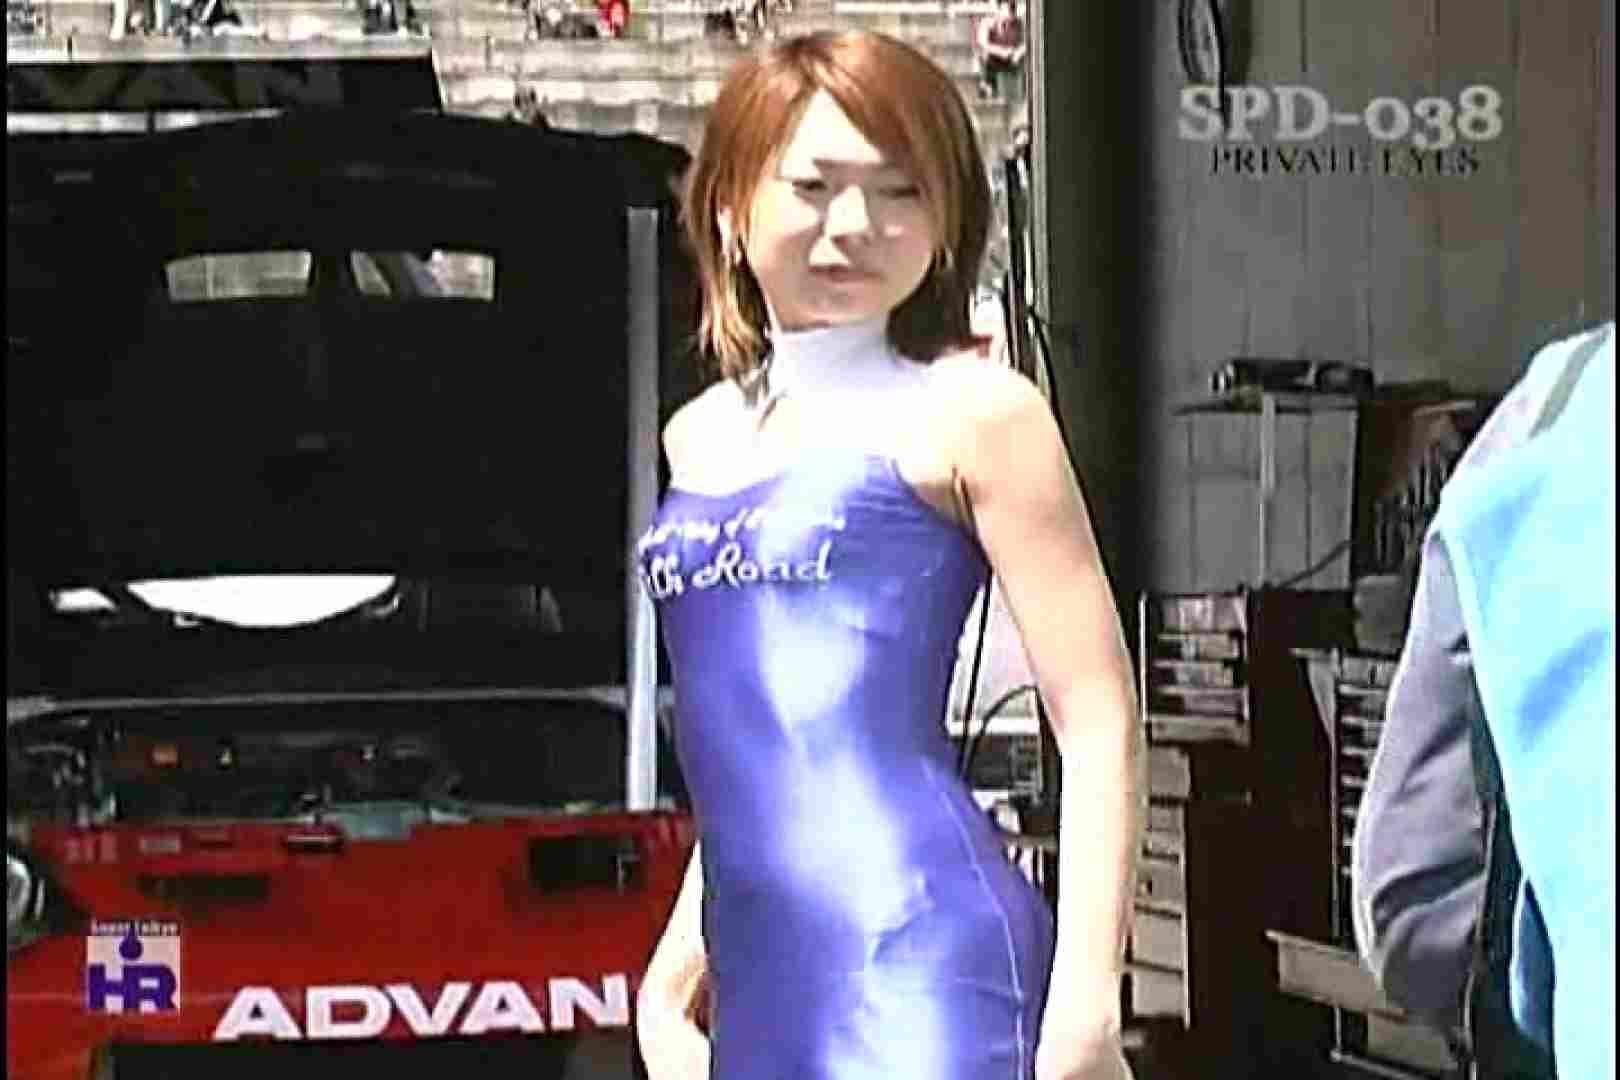 高画質版!SPD-038 サーキットの女神達 仙台ハイランドレースウェイ 高画質   プライベート  87pic 22